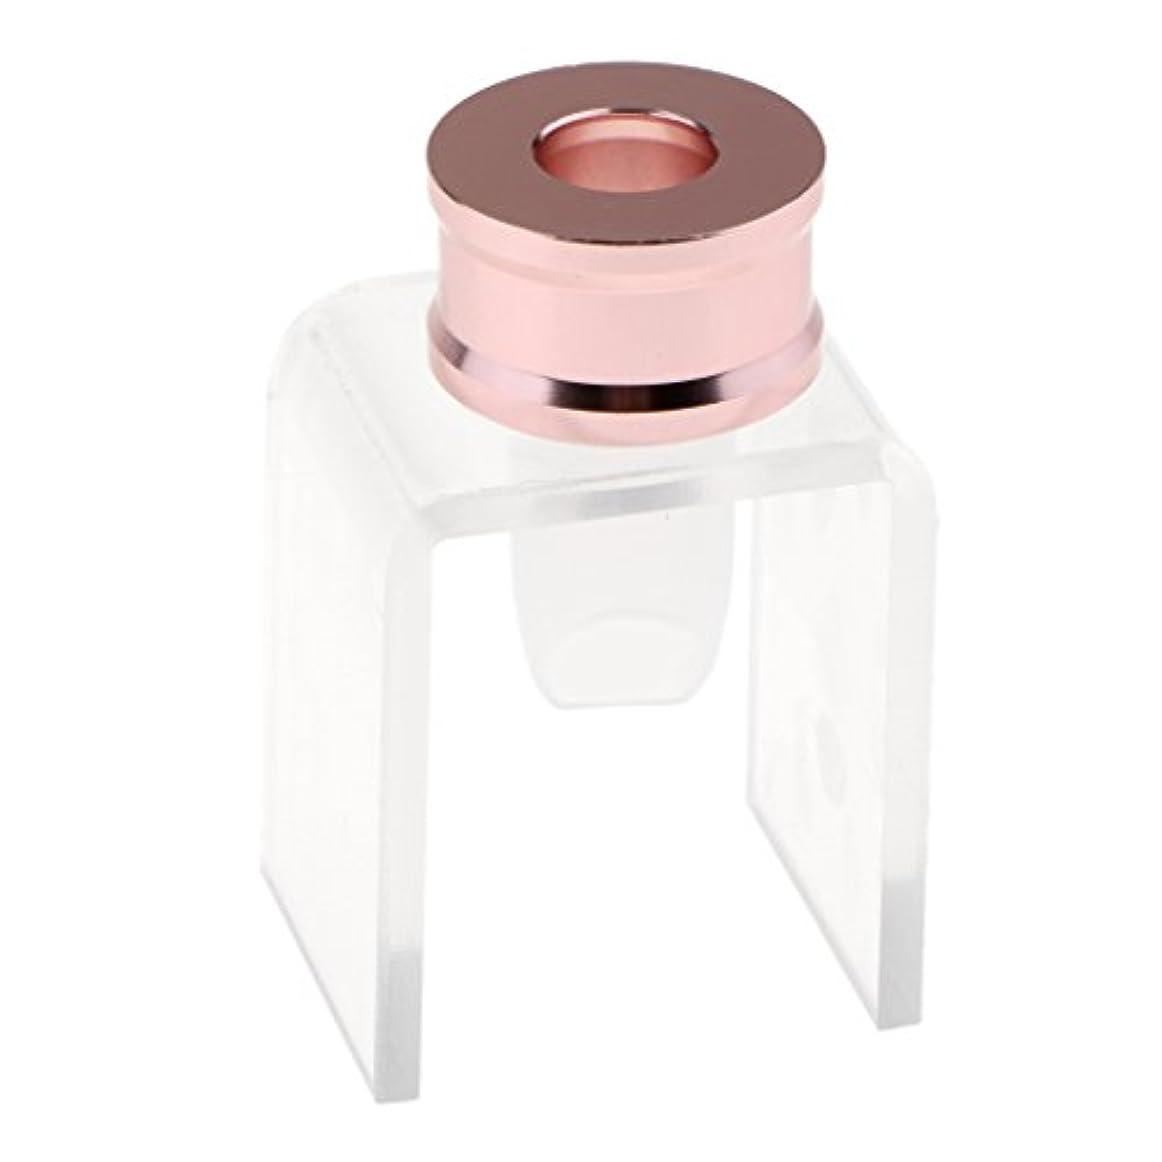 意図する禁輸輝度リップスティック DIY 金型ホルダー 口紅金型 12.1mmチューブ シリコンモールド モールド アクリルスタンド 7タイプ選べる - #2